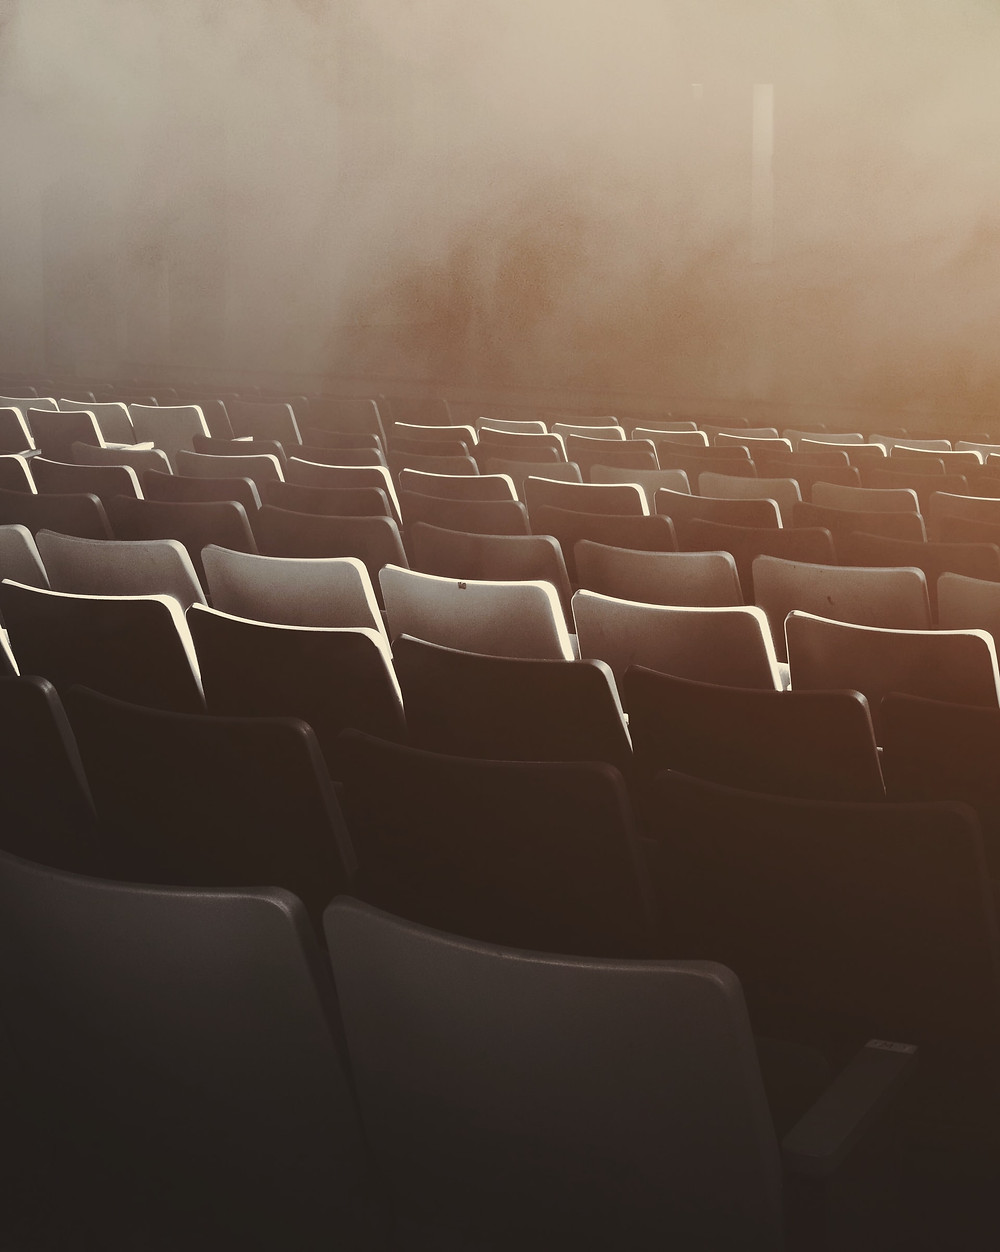 Teatterikatsomon tuoleja pinottuna päällekäin riveissä selkäpuoli kameraan päin.